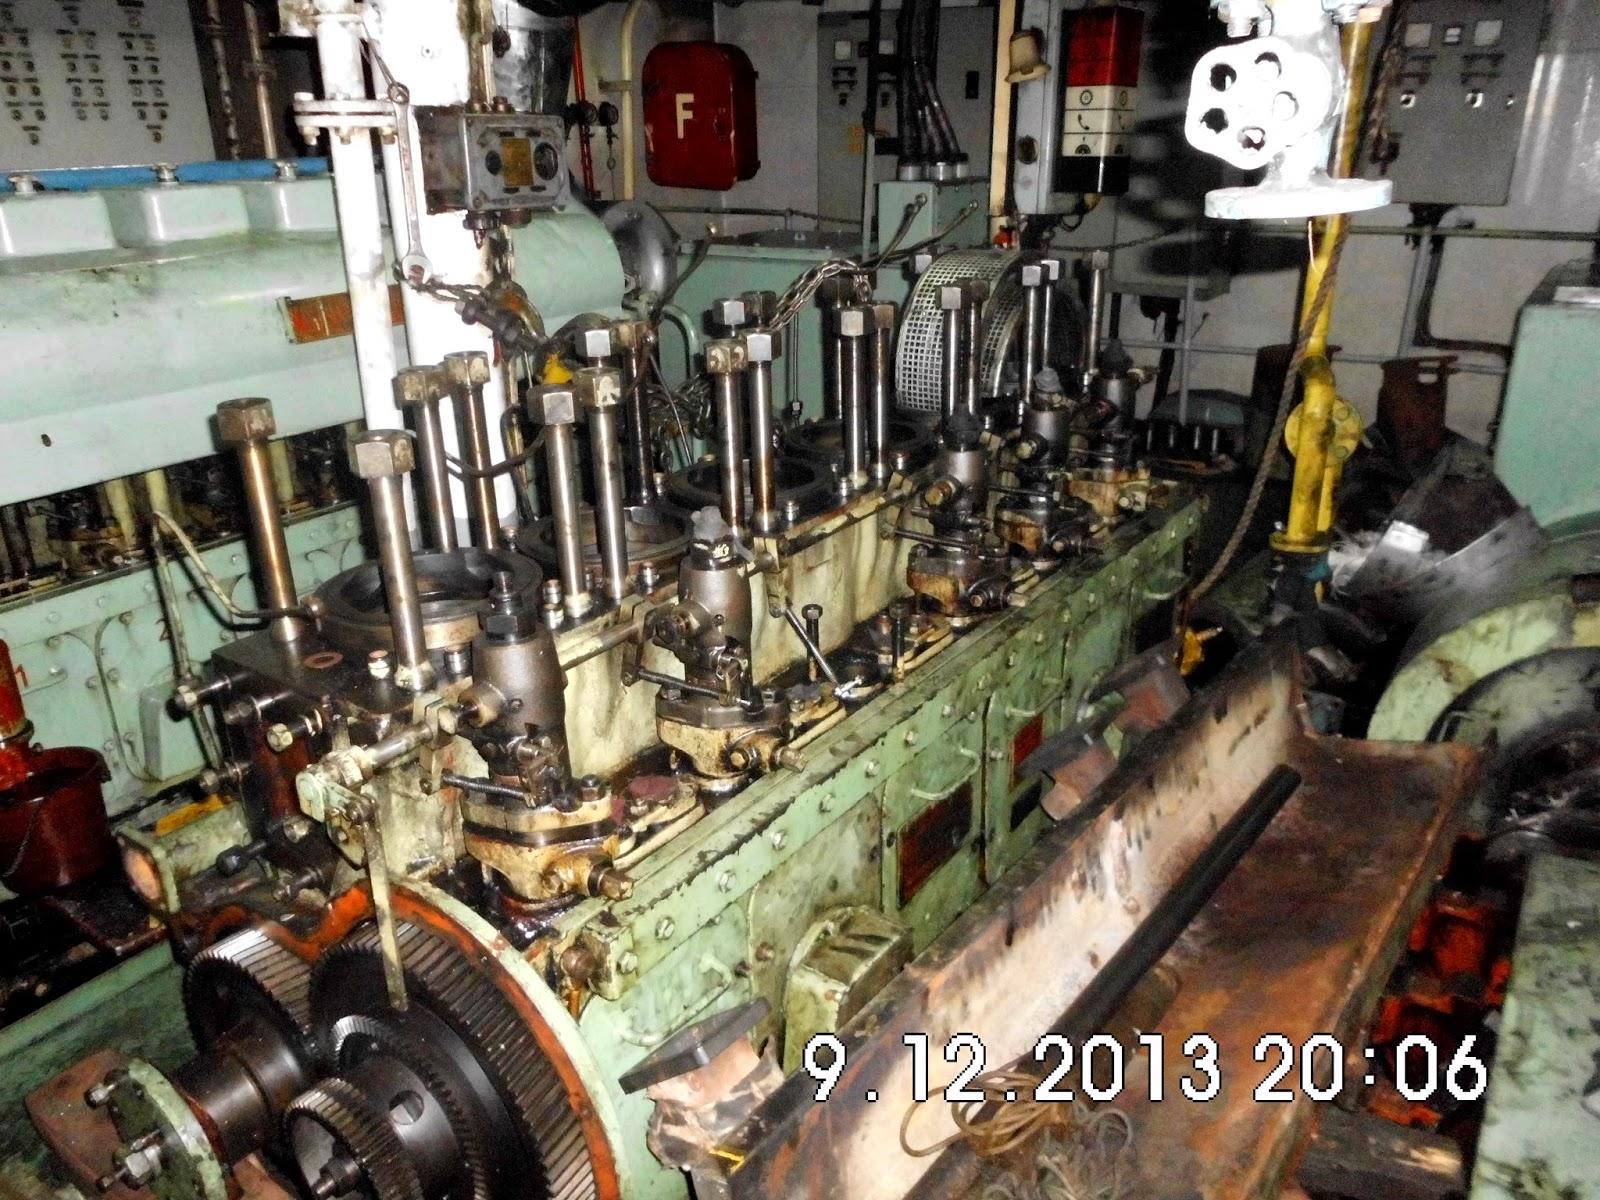 Cara pengetesan remote control unit pada main engine